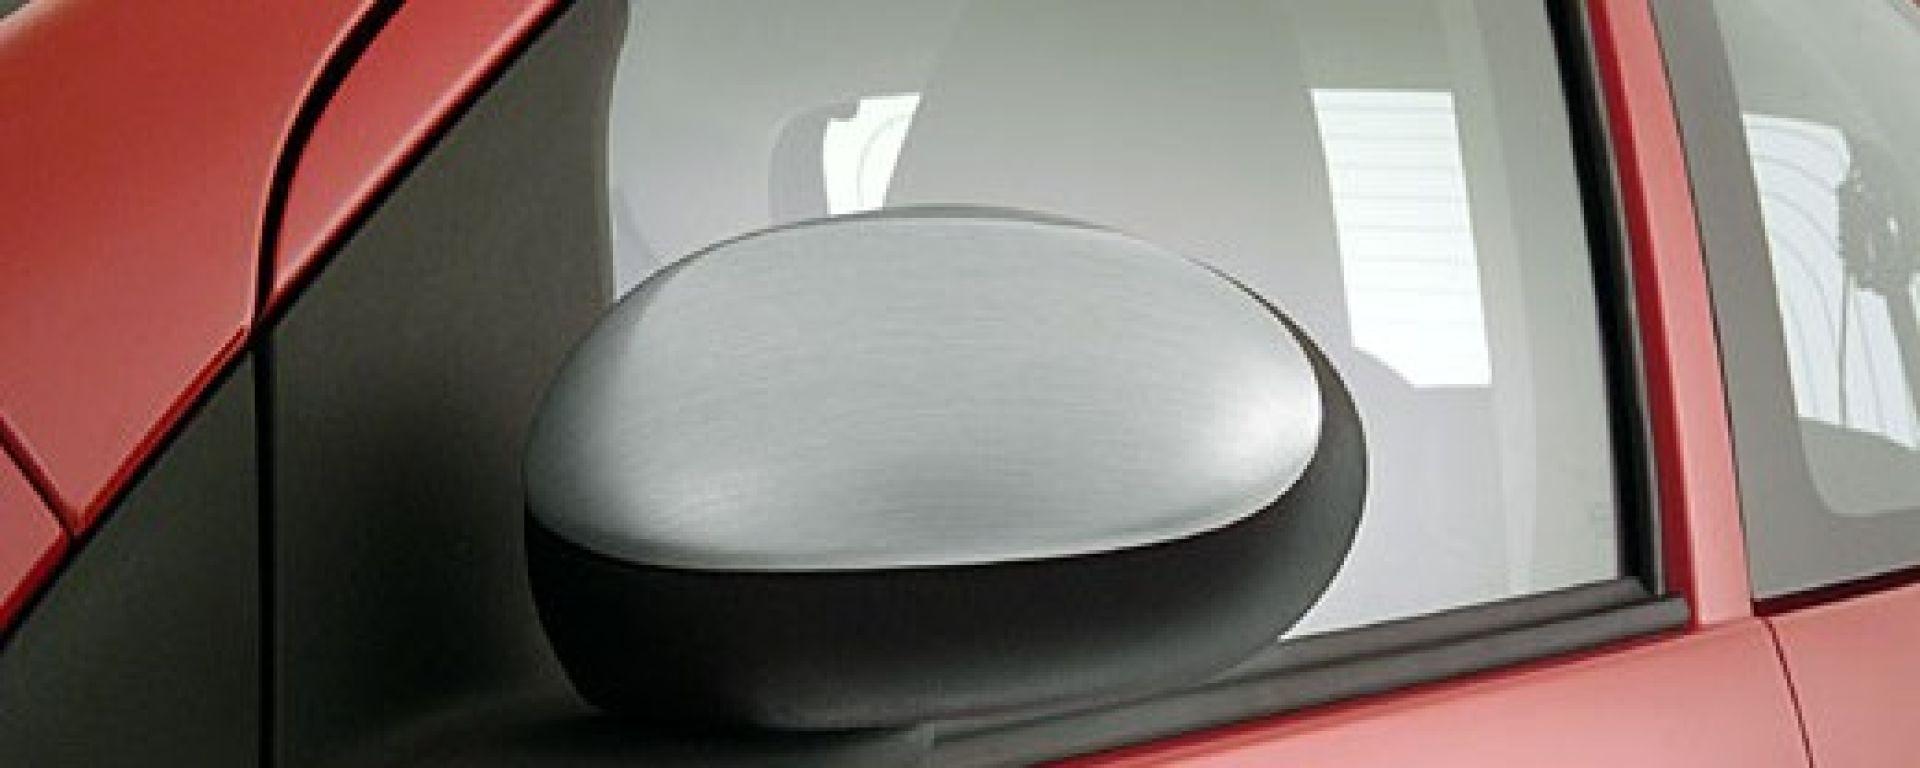 Citroën C1 Deejay